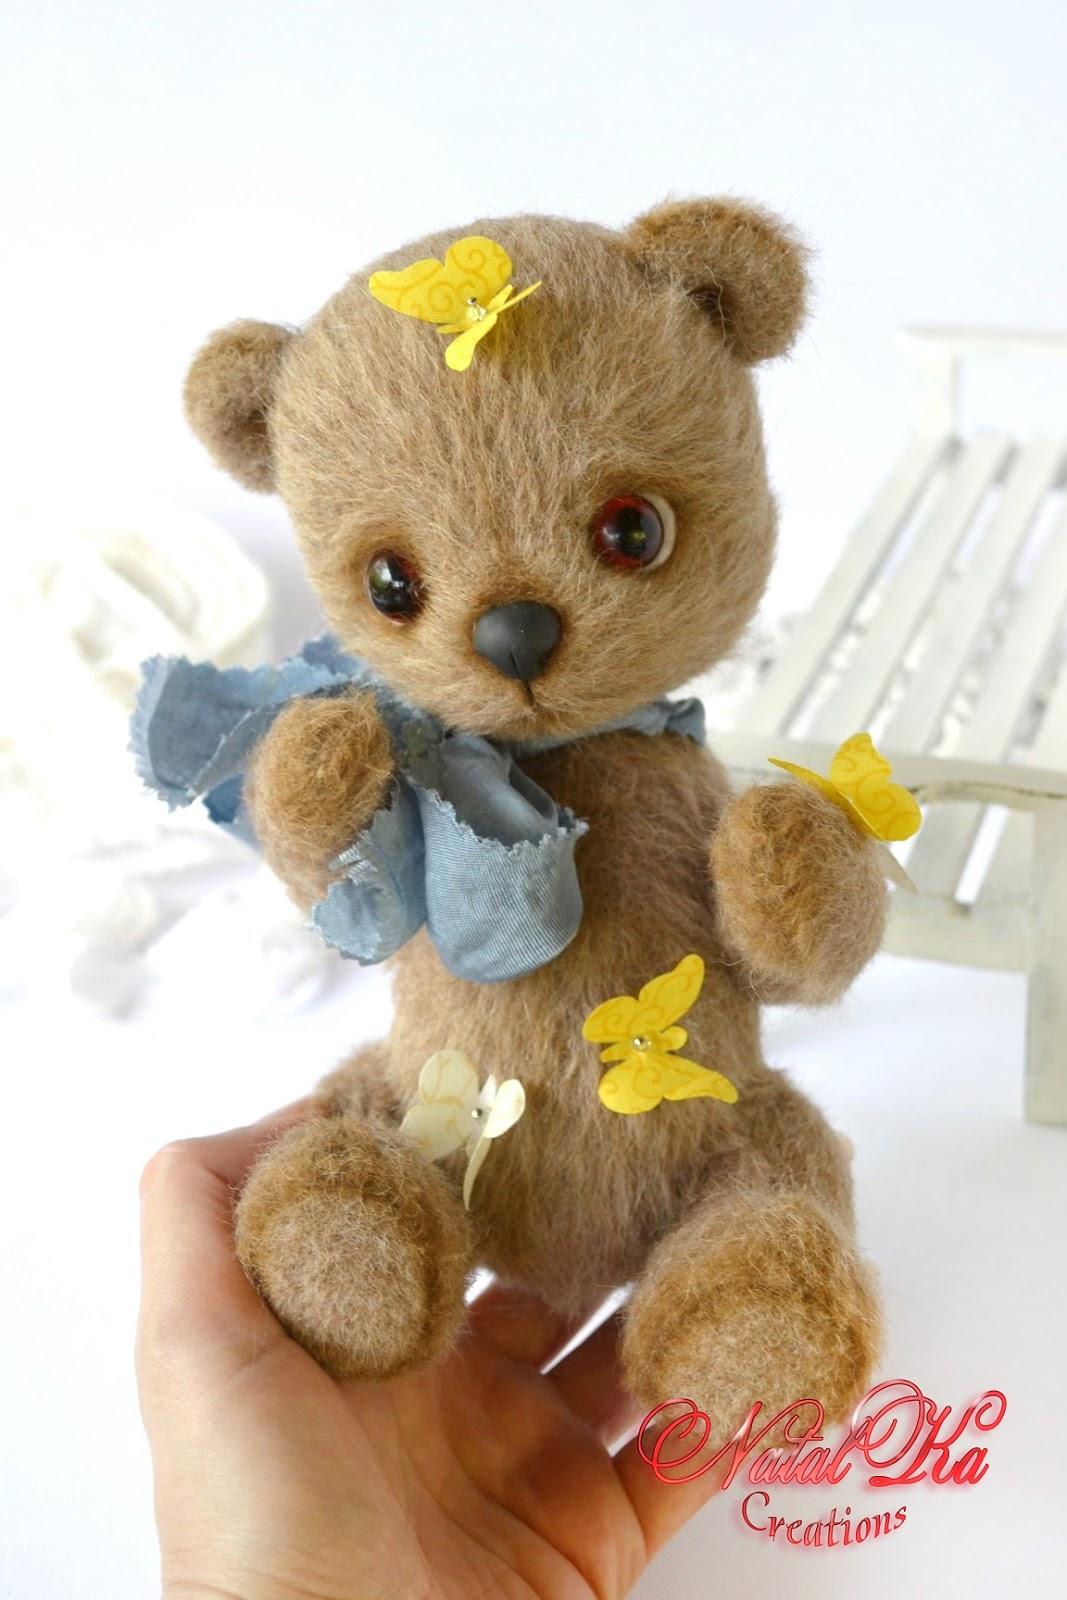 Künstlerbär, Teddybär, Bär, Sammlerbär handgemacht von NatalKa Creations.  Авторский мишка тедди ручной работы от NatalKa Creations